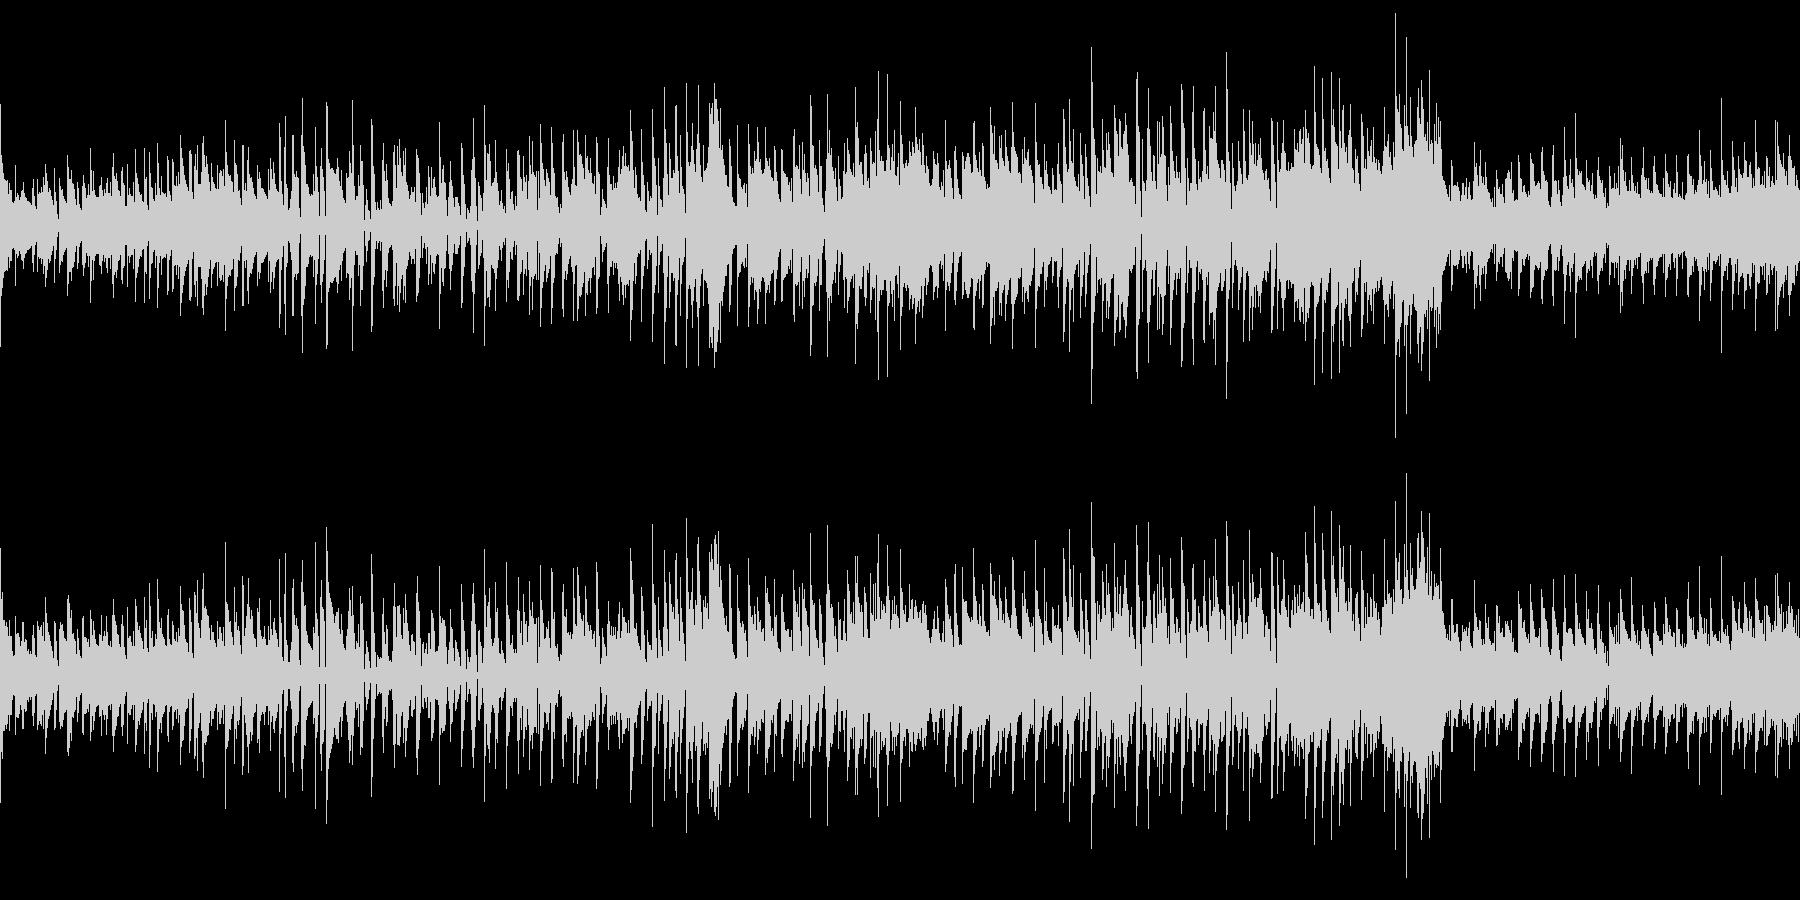 大人な雰囲気のジャズ (ループ仕様)の未再生の波形